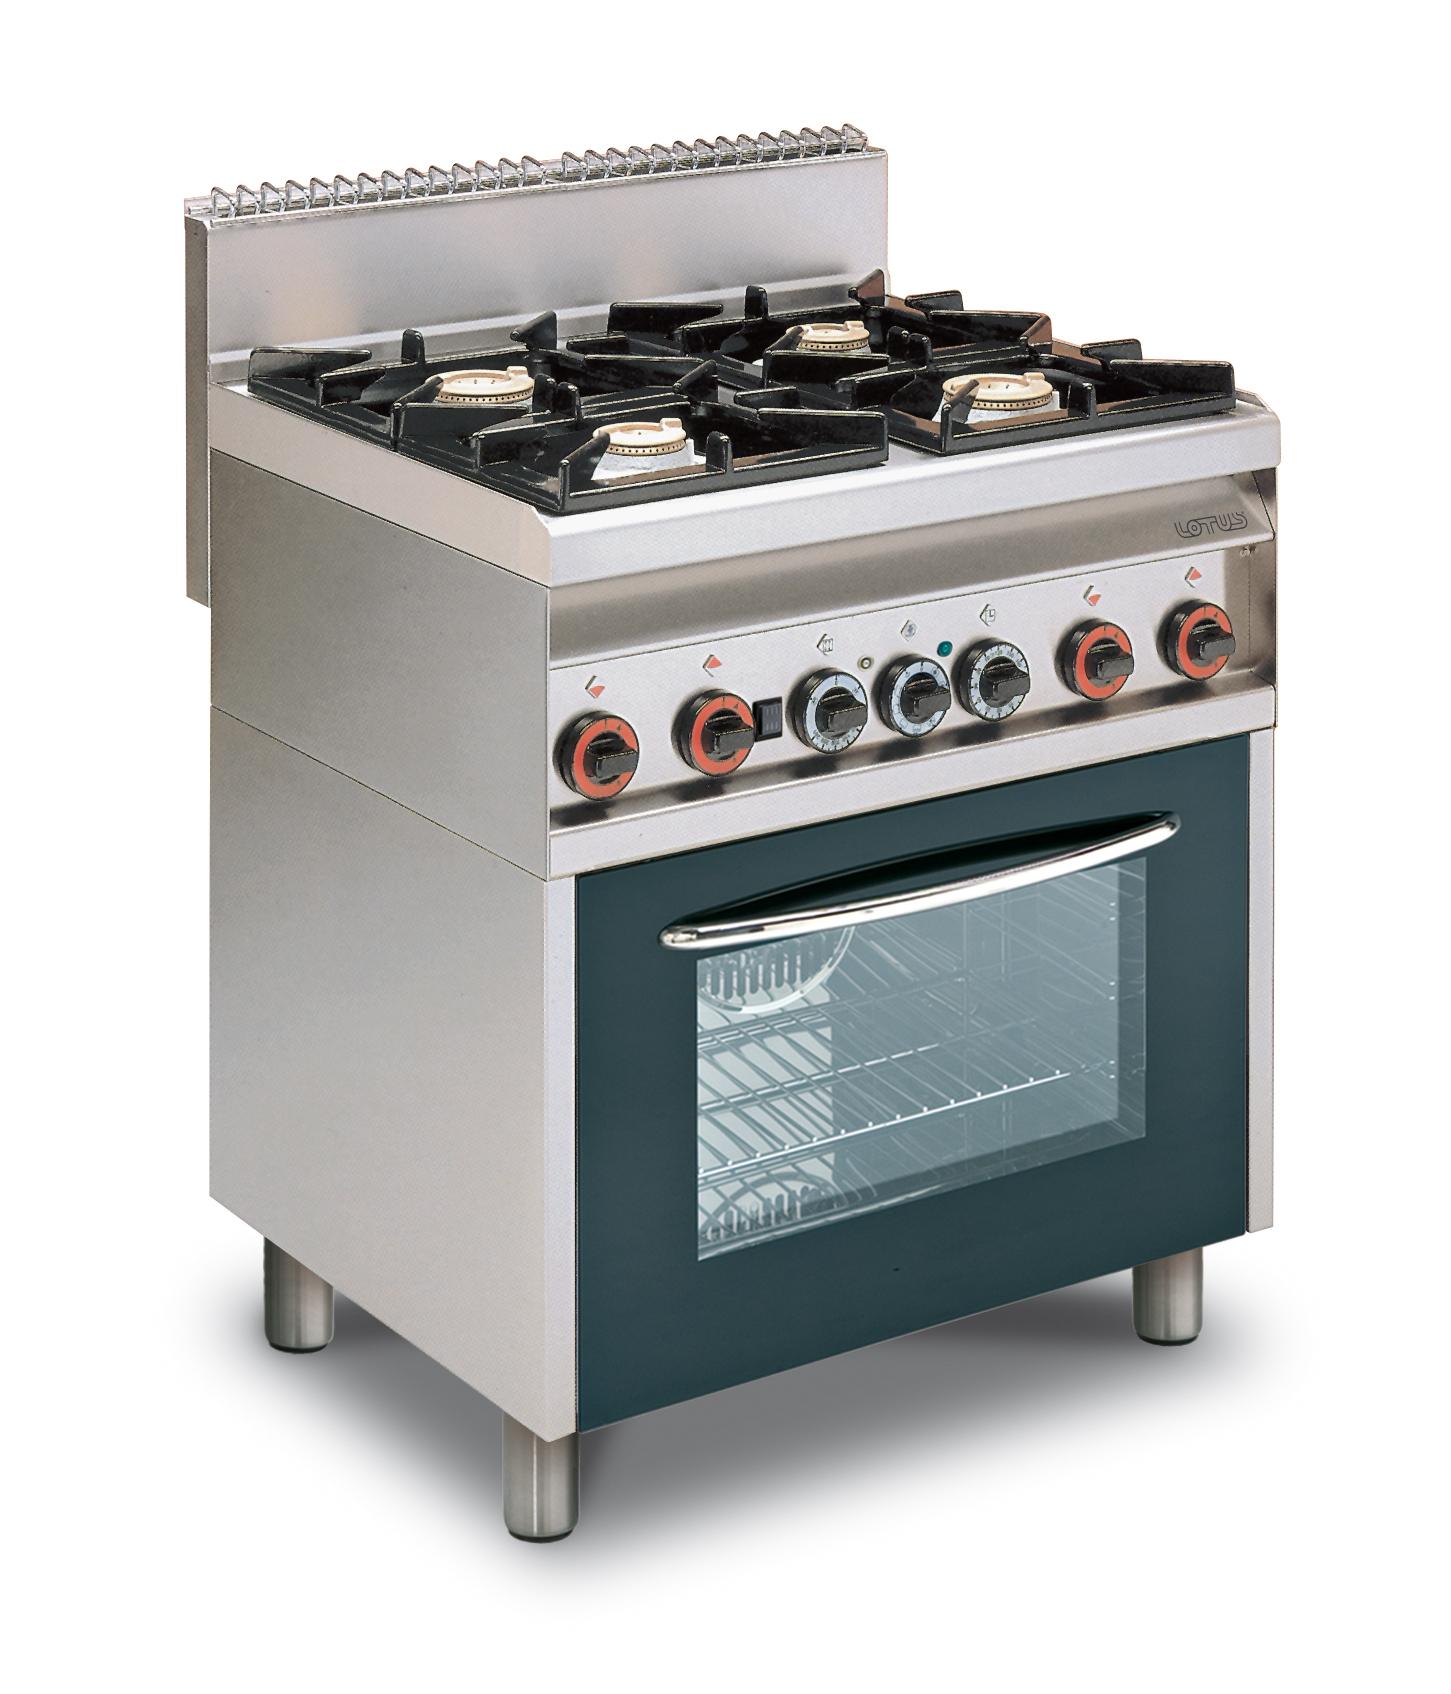 Cucina gas 4 fuochi su forno elettrico multifunzione ...